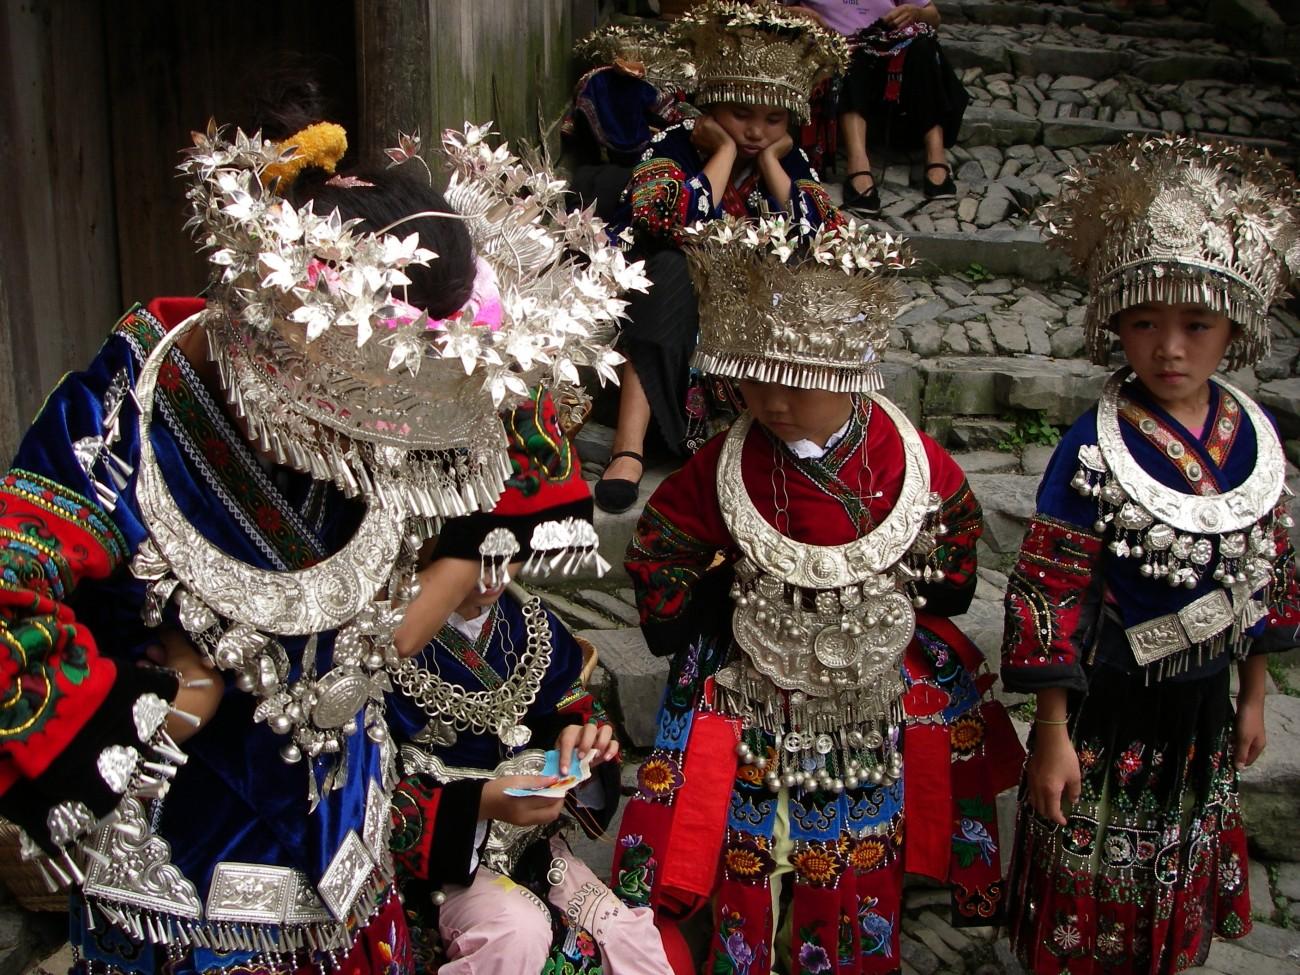 Zilveren hoofdtooi van de Miao in de provincie Guizhou, China.